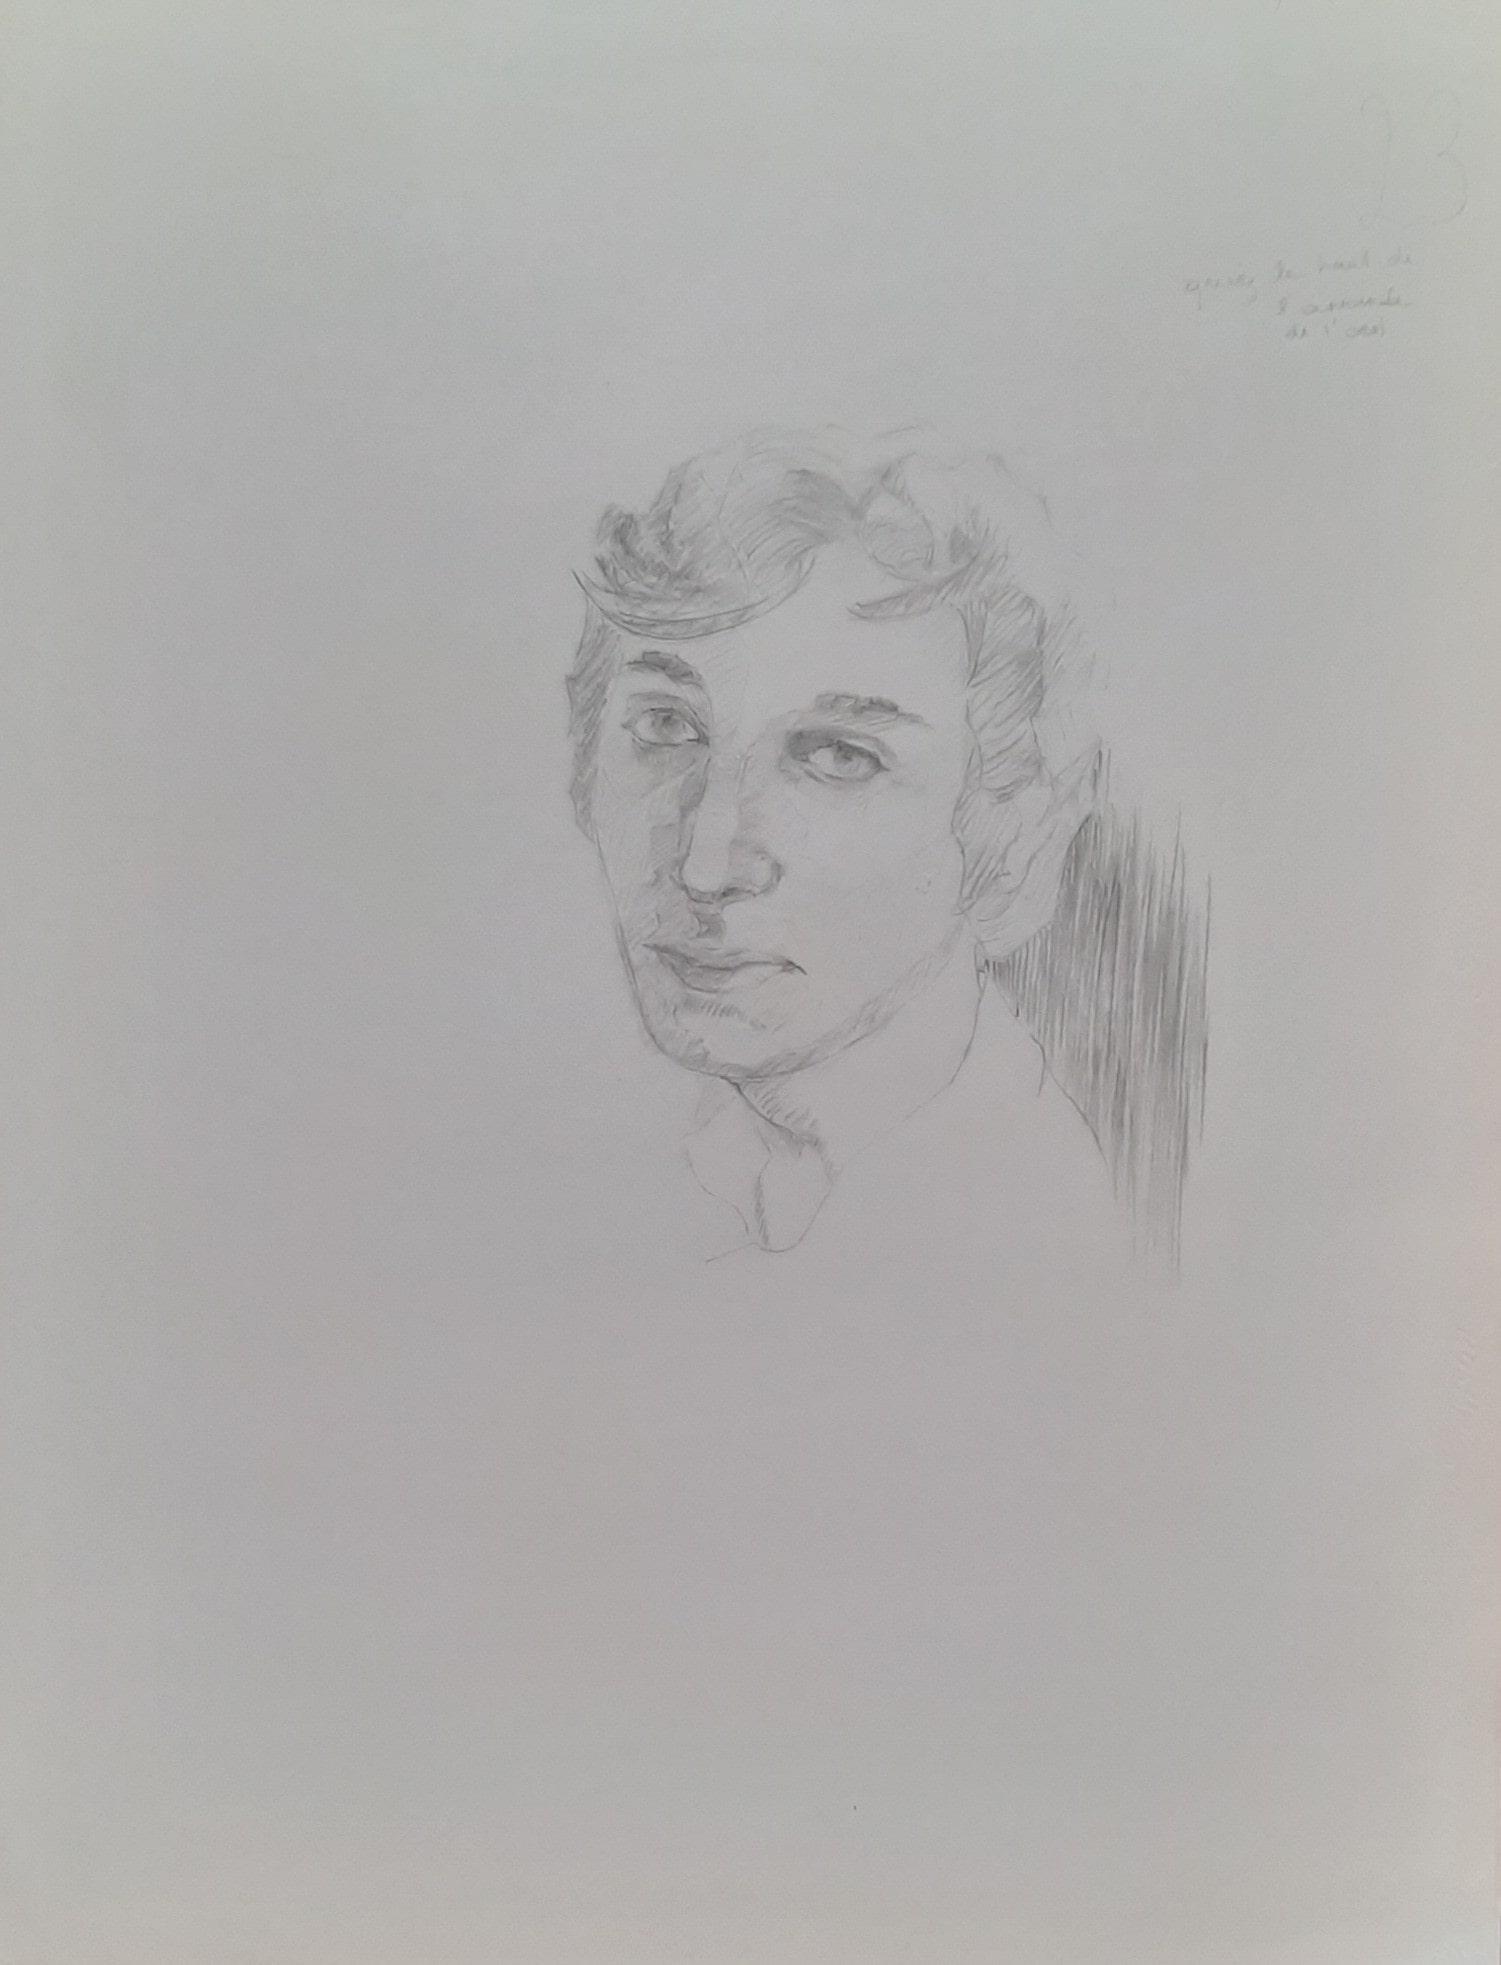 Hôtes et artistes en poitou - Portrait de Victor - Prototype - Dessin au Crayon de Bois